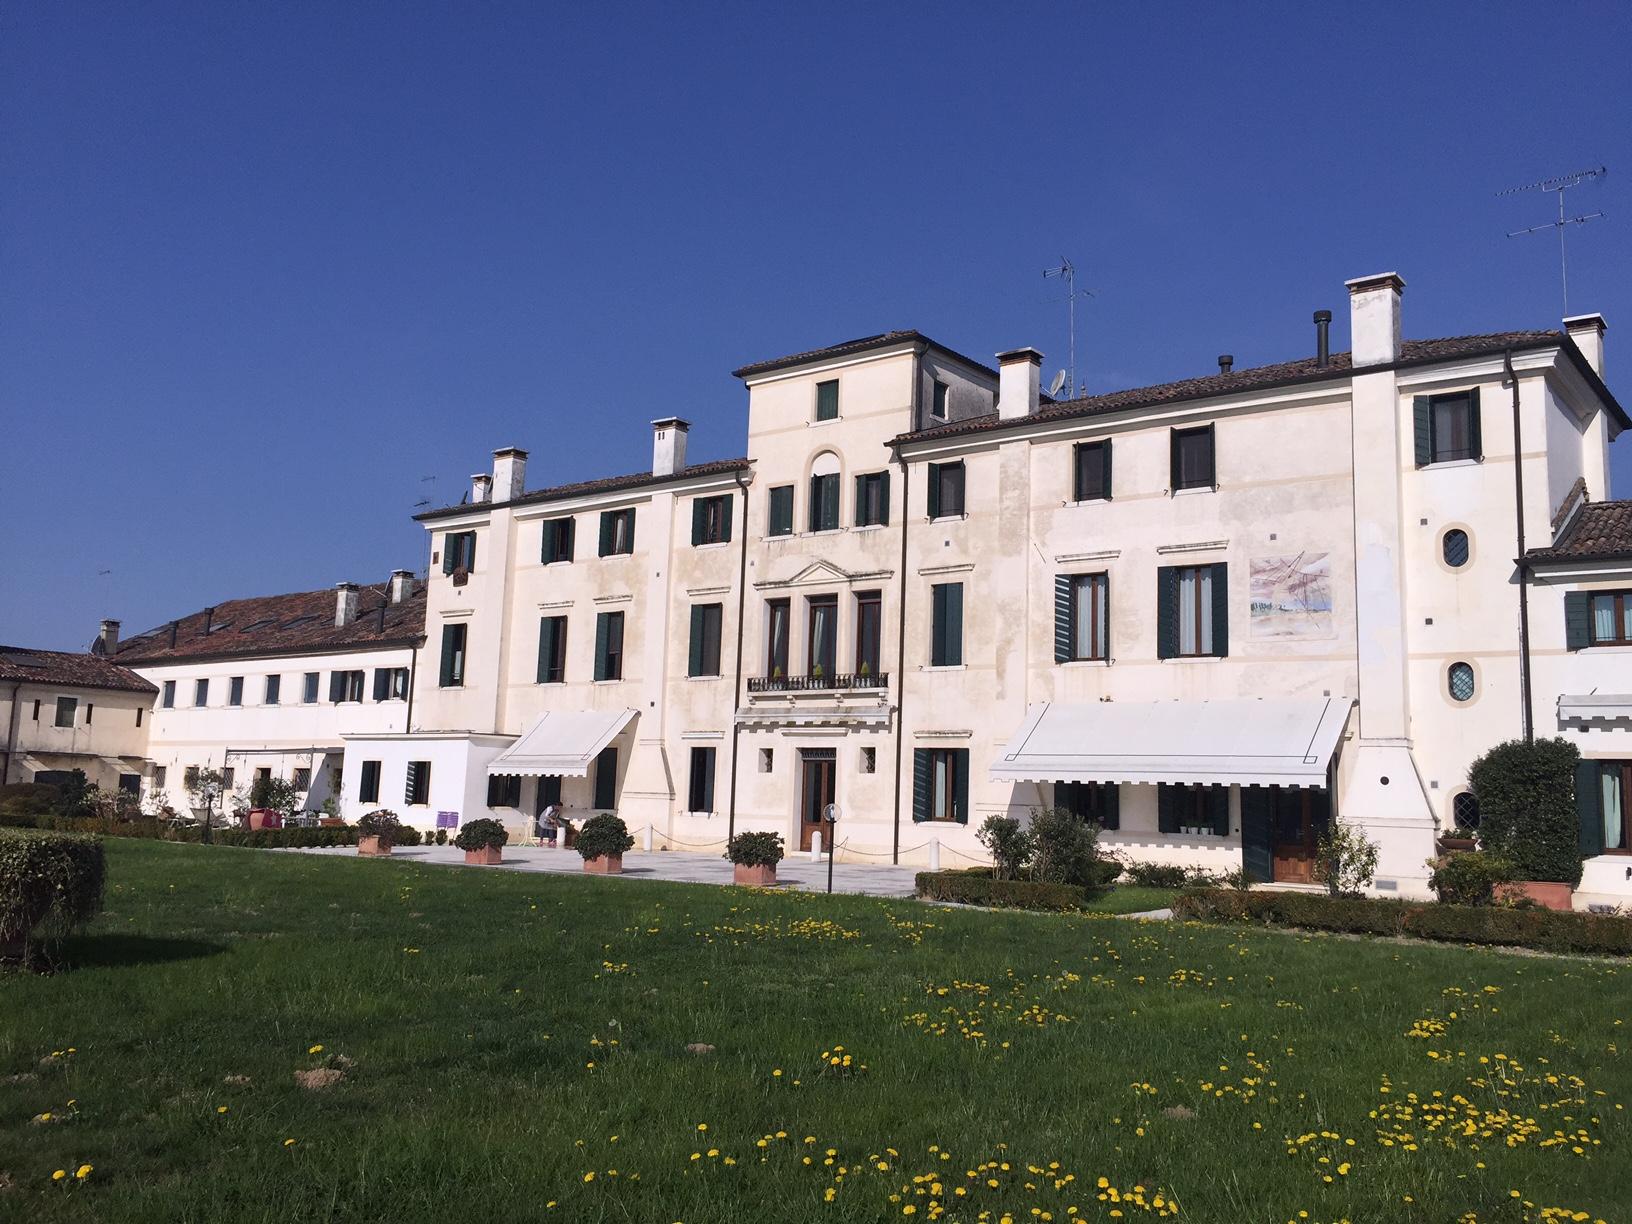 Appartamento in vendita a San Biagio di Callalta, 5 locali, zona Località: Olmi, prezzo € 320.000 | Cambio Casa.it